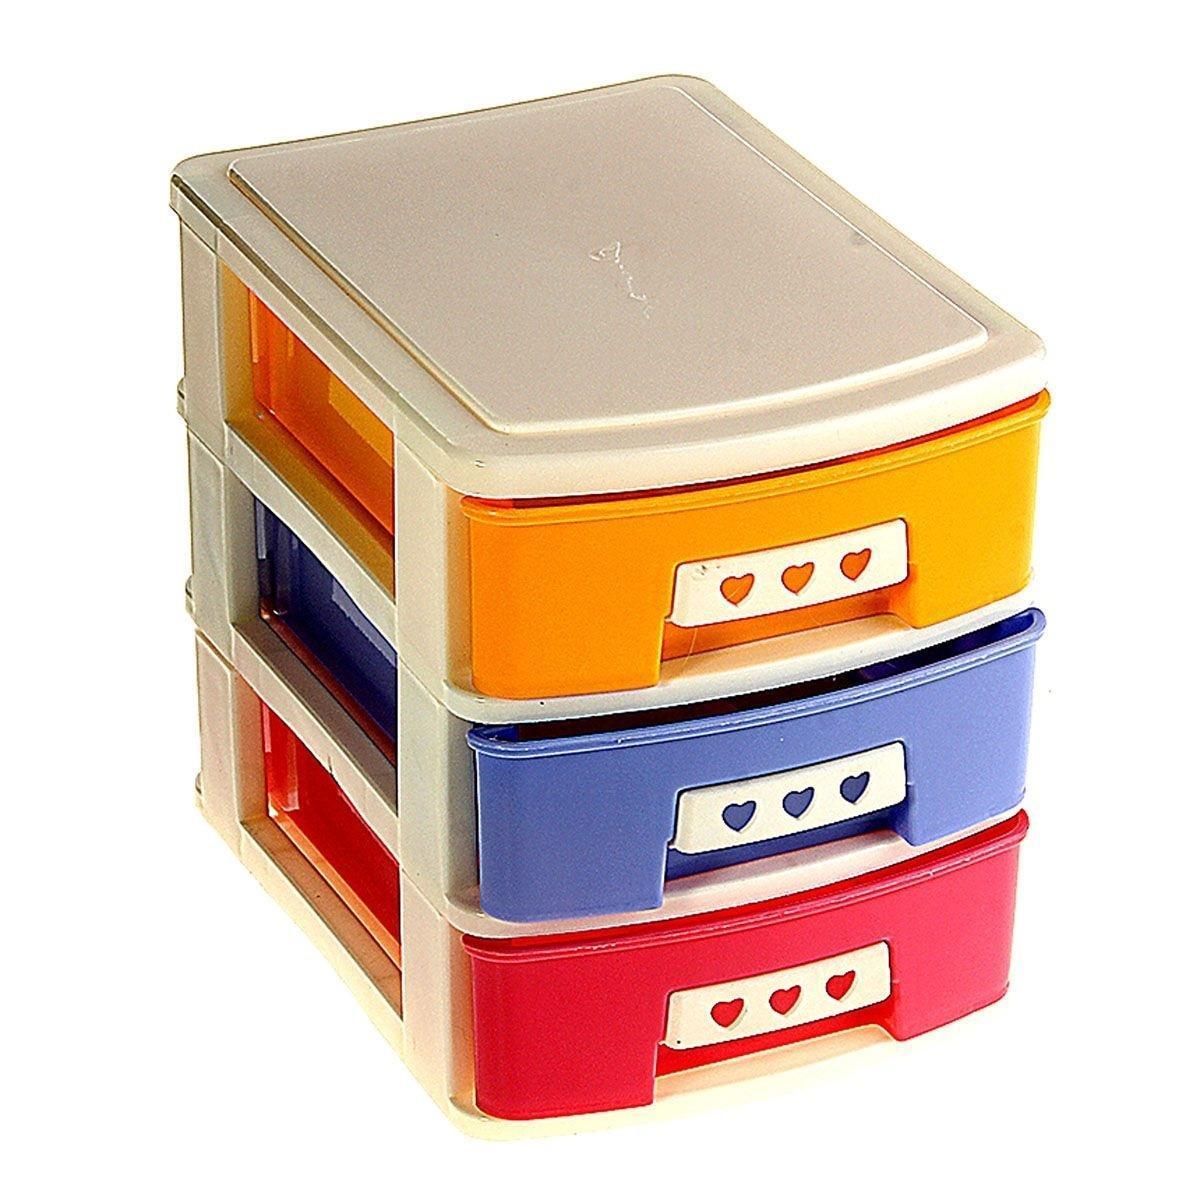 Мини-комод для мелочей трехсекционный, 19*14*17 см 848406FS-91909Хозтовары – важнейший элемент нашей повседневной жизни, они настоящие маленькие помощники в быту. Мини-комод для мелочейпрекрасно подойдет для хранения и транспортировки различных мелочей. Комод имеет 3 секции. Такой комод поможет держать вещи в порядке. Материал: Пластик